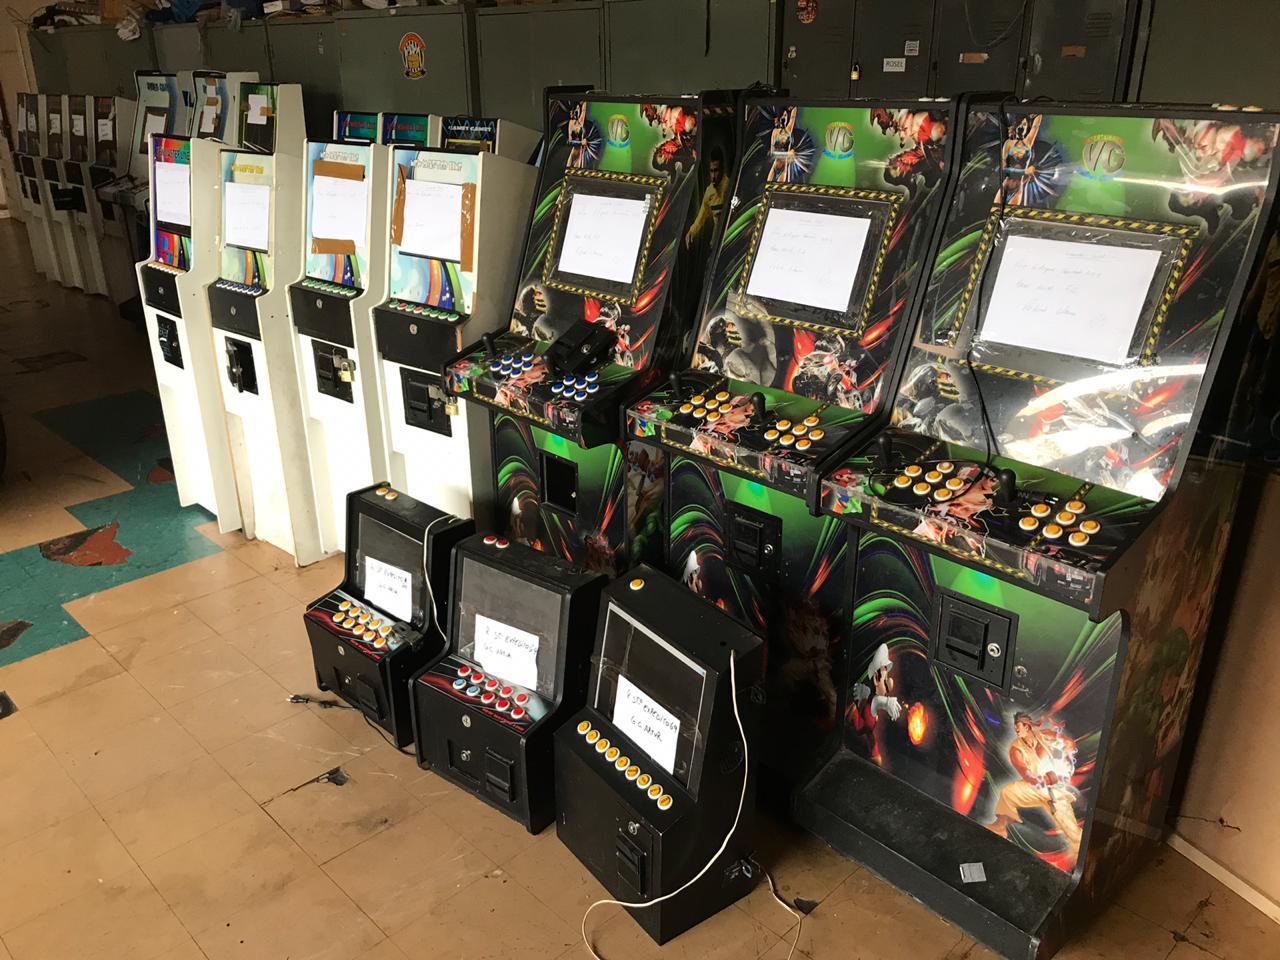 Polícia civil de Piracicaba realiza Operação Caça-Níqueis; 45 máquinas foram apreendidas